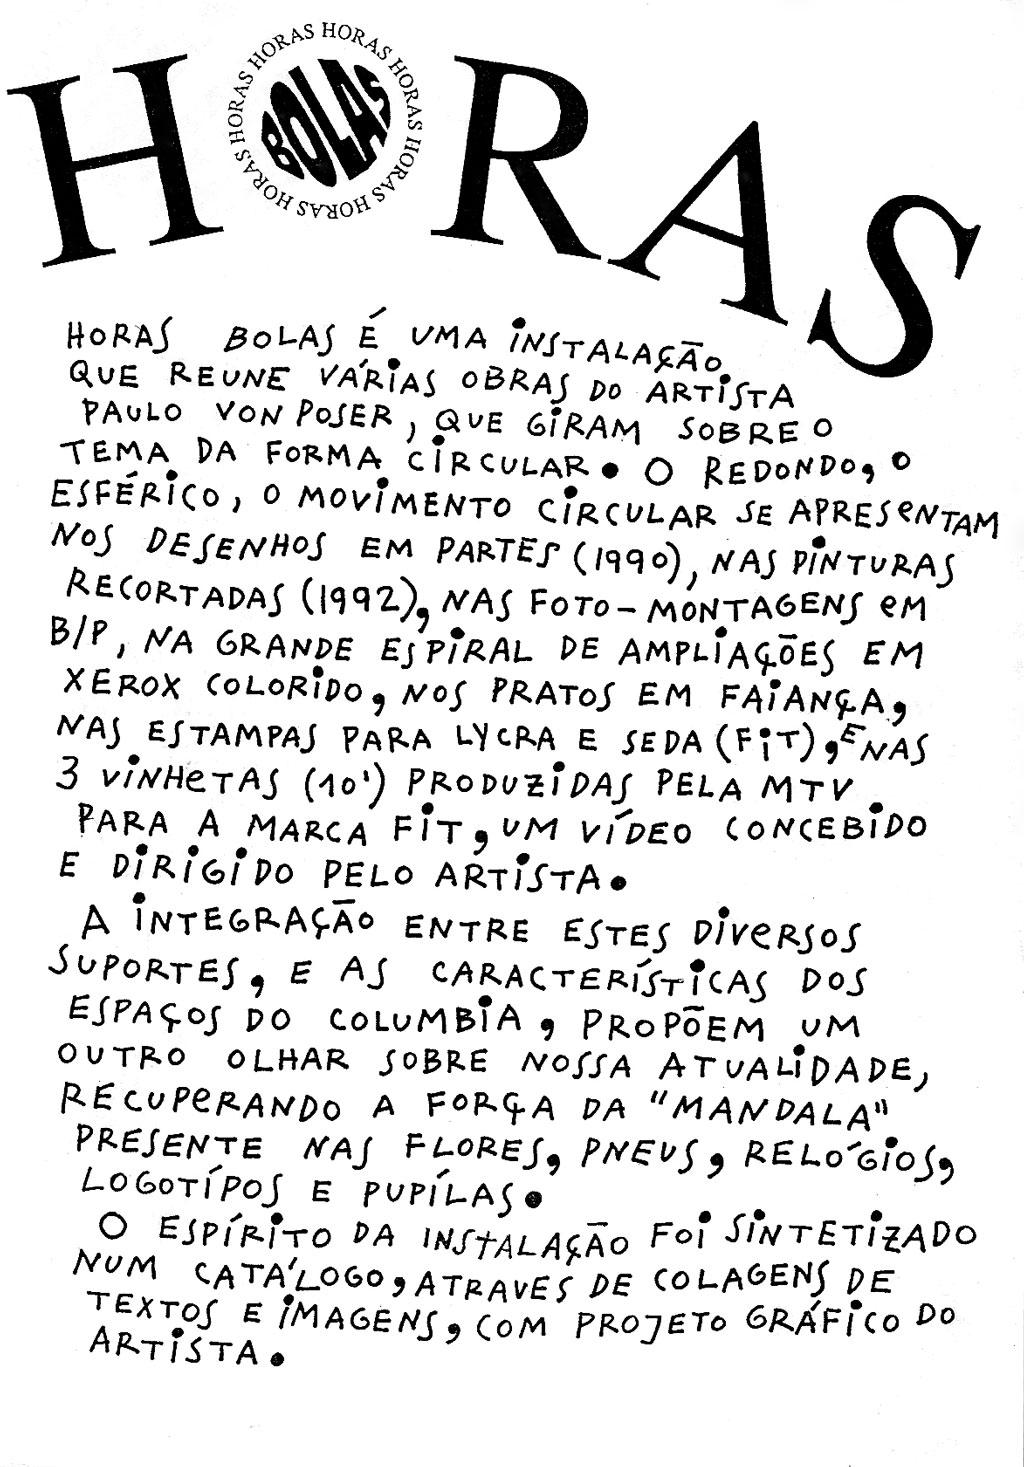 HORAS BOLAS_1992 (17)